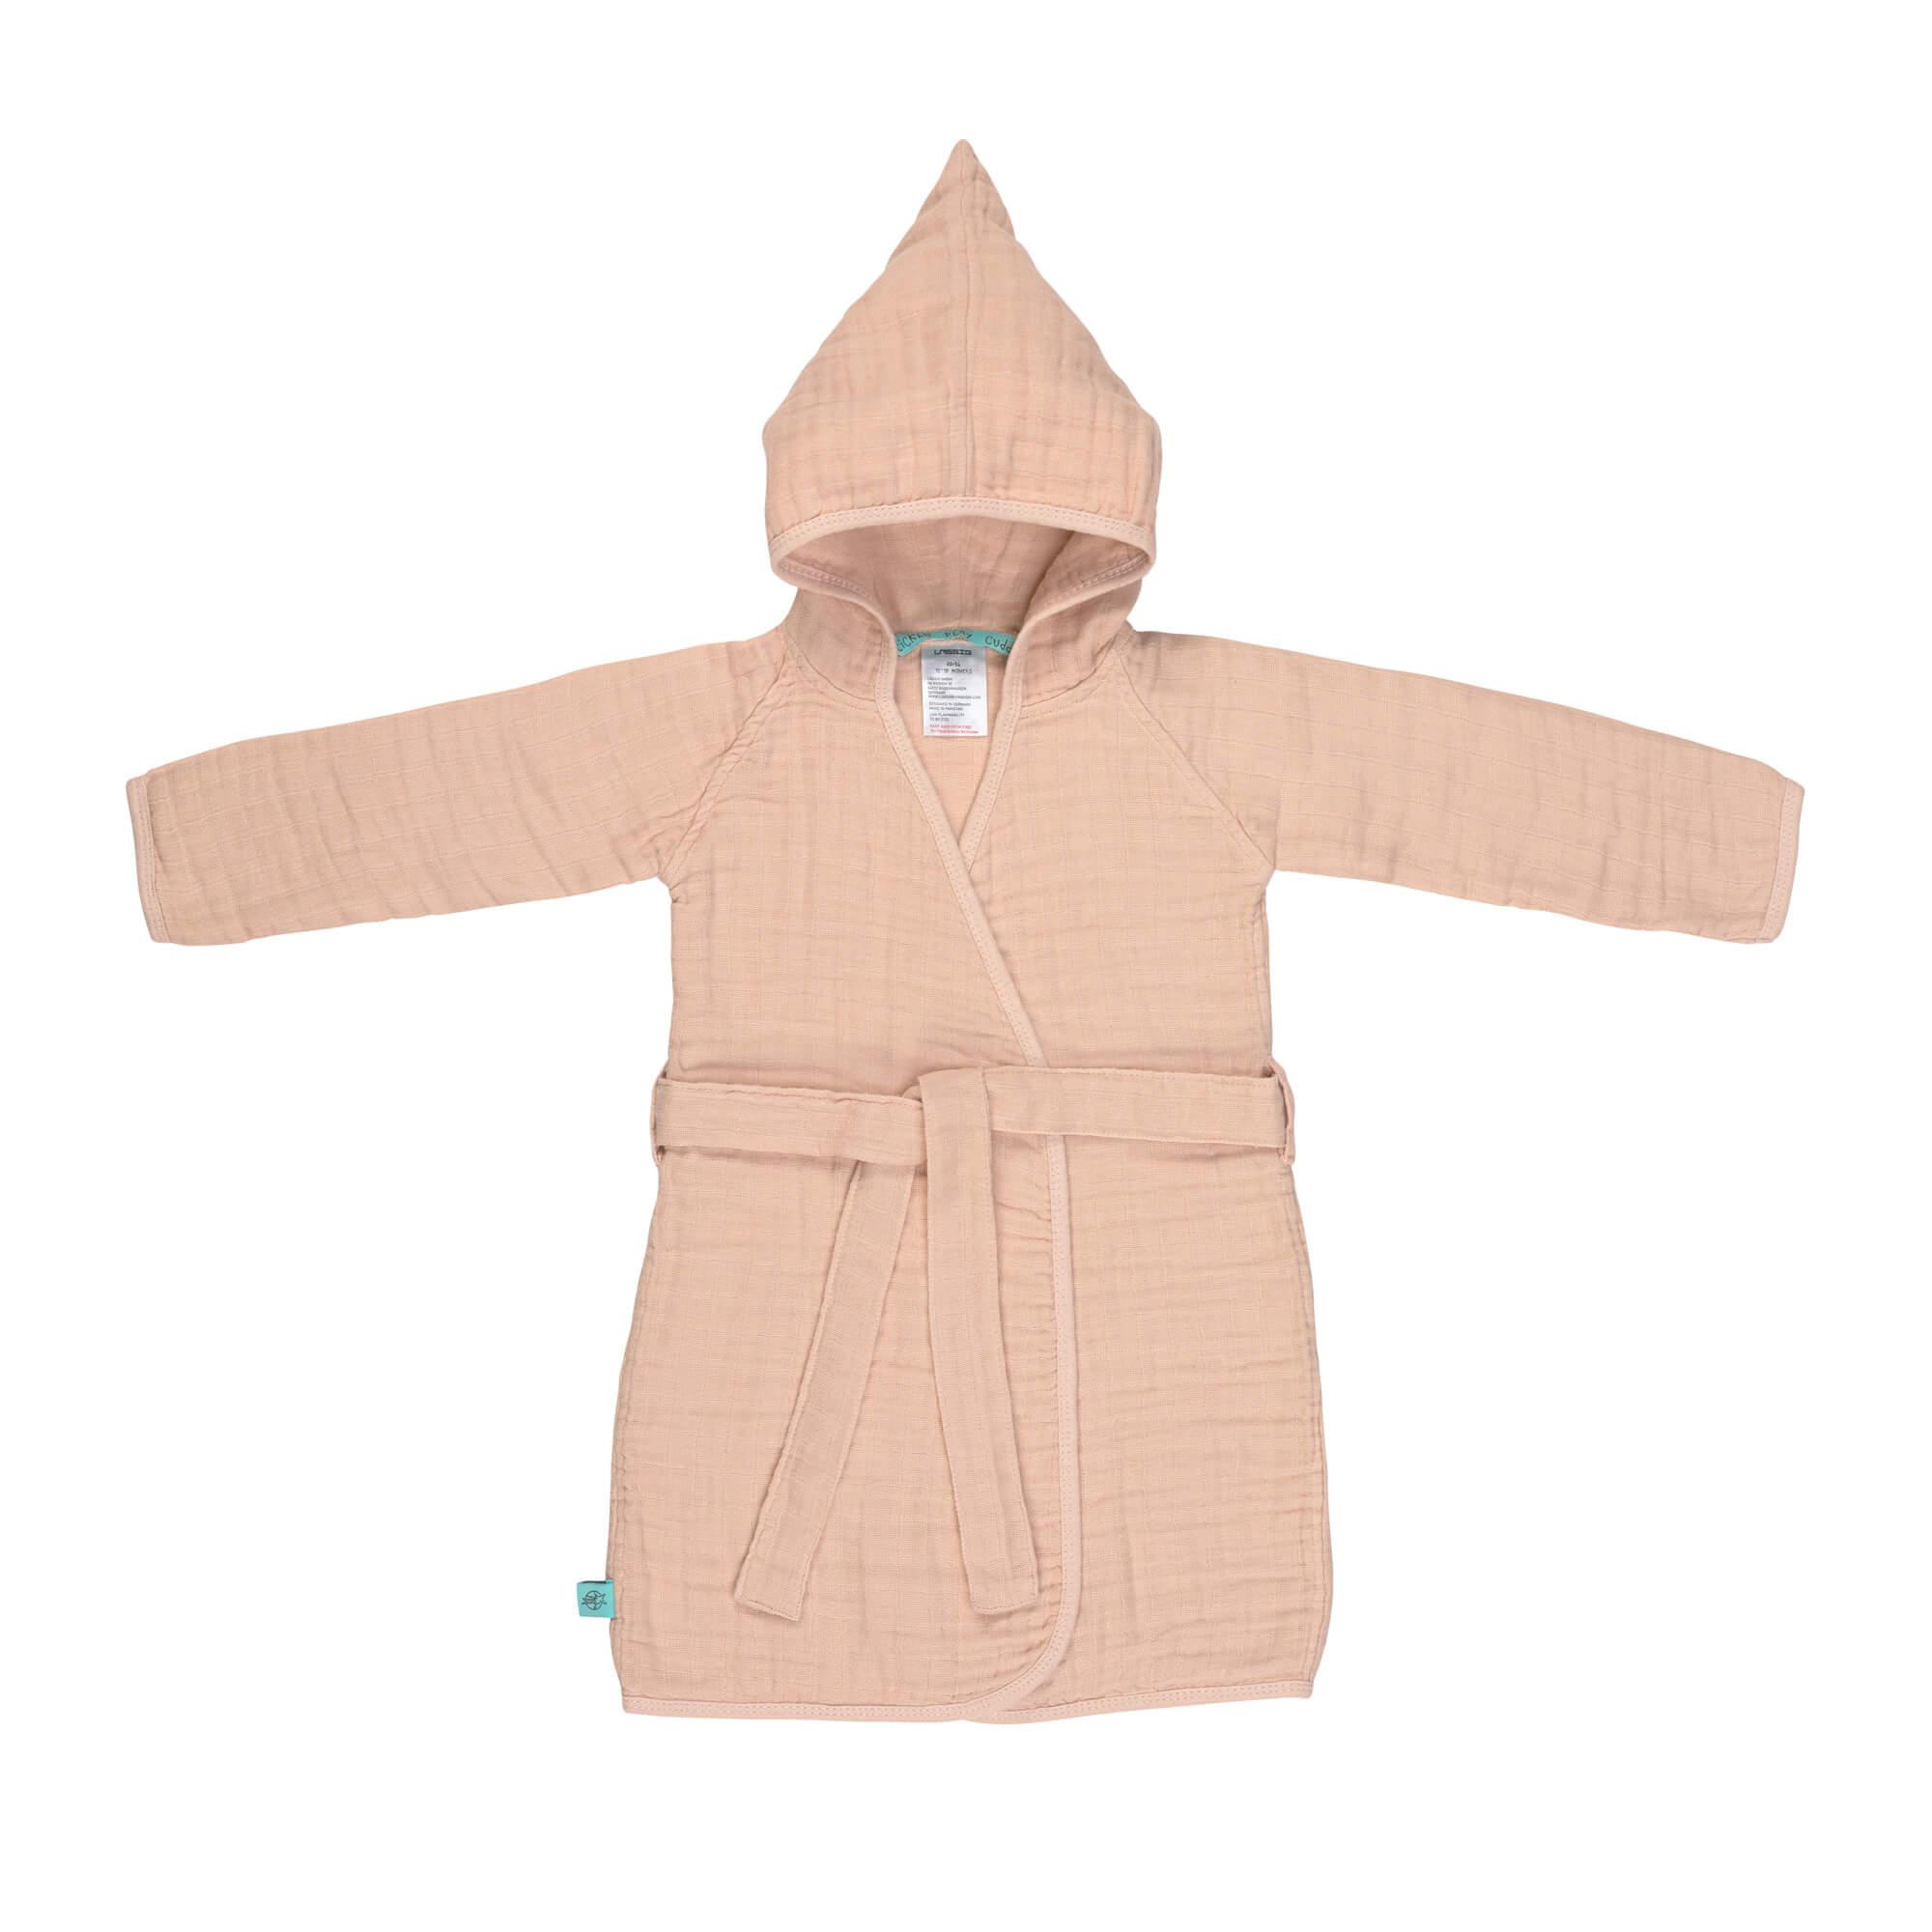 Lassig Muslin Bathrobe Light Pink Lassig Fashion